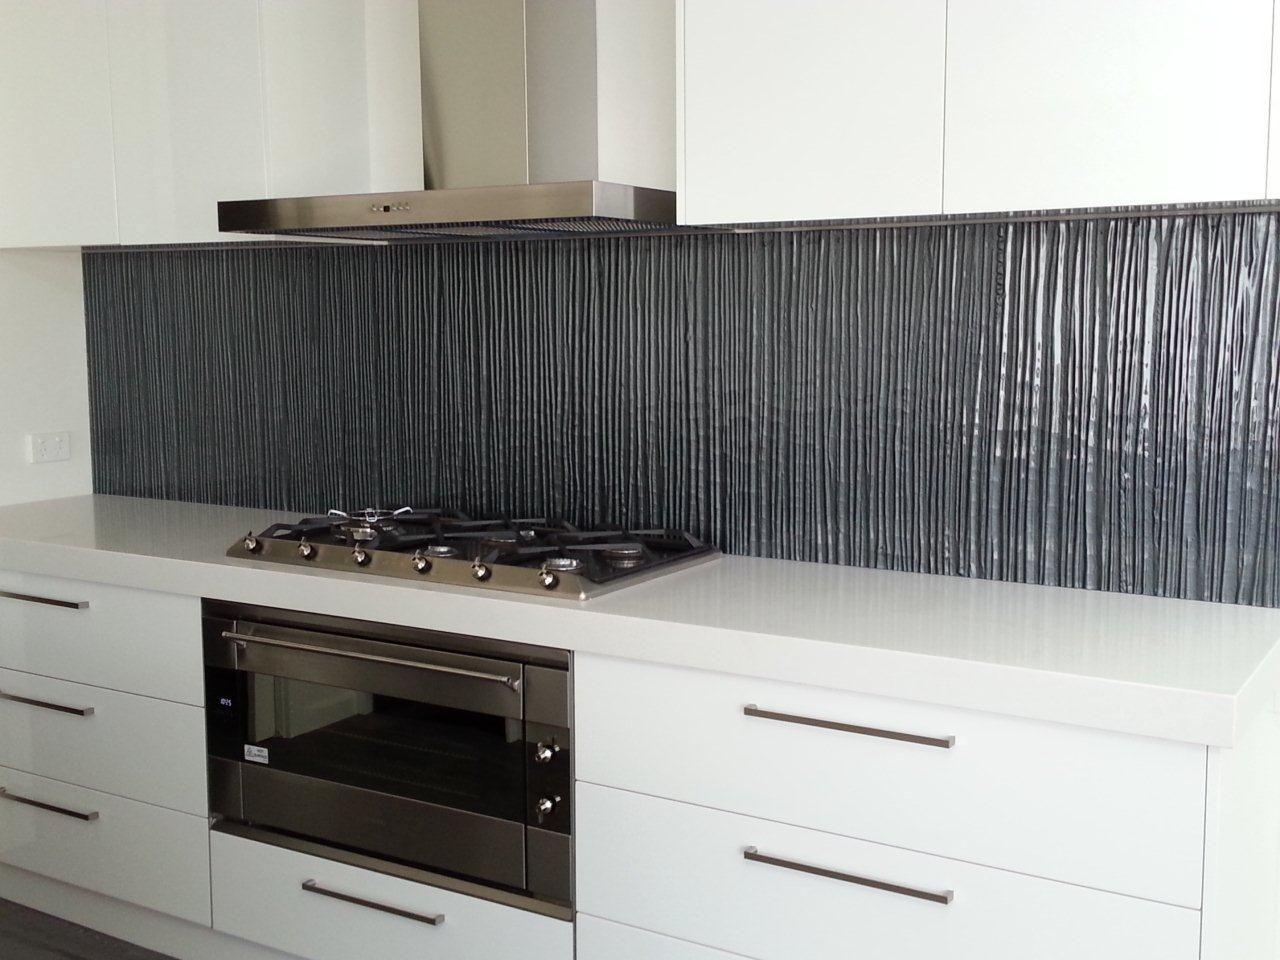 600x300 Off White Tiles As Splashback | Kitchen | Pinterest | Splashback, Kitchen  Splashback Ideas And Splashback Ideas